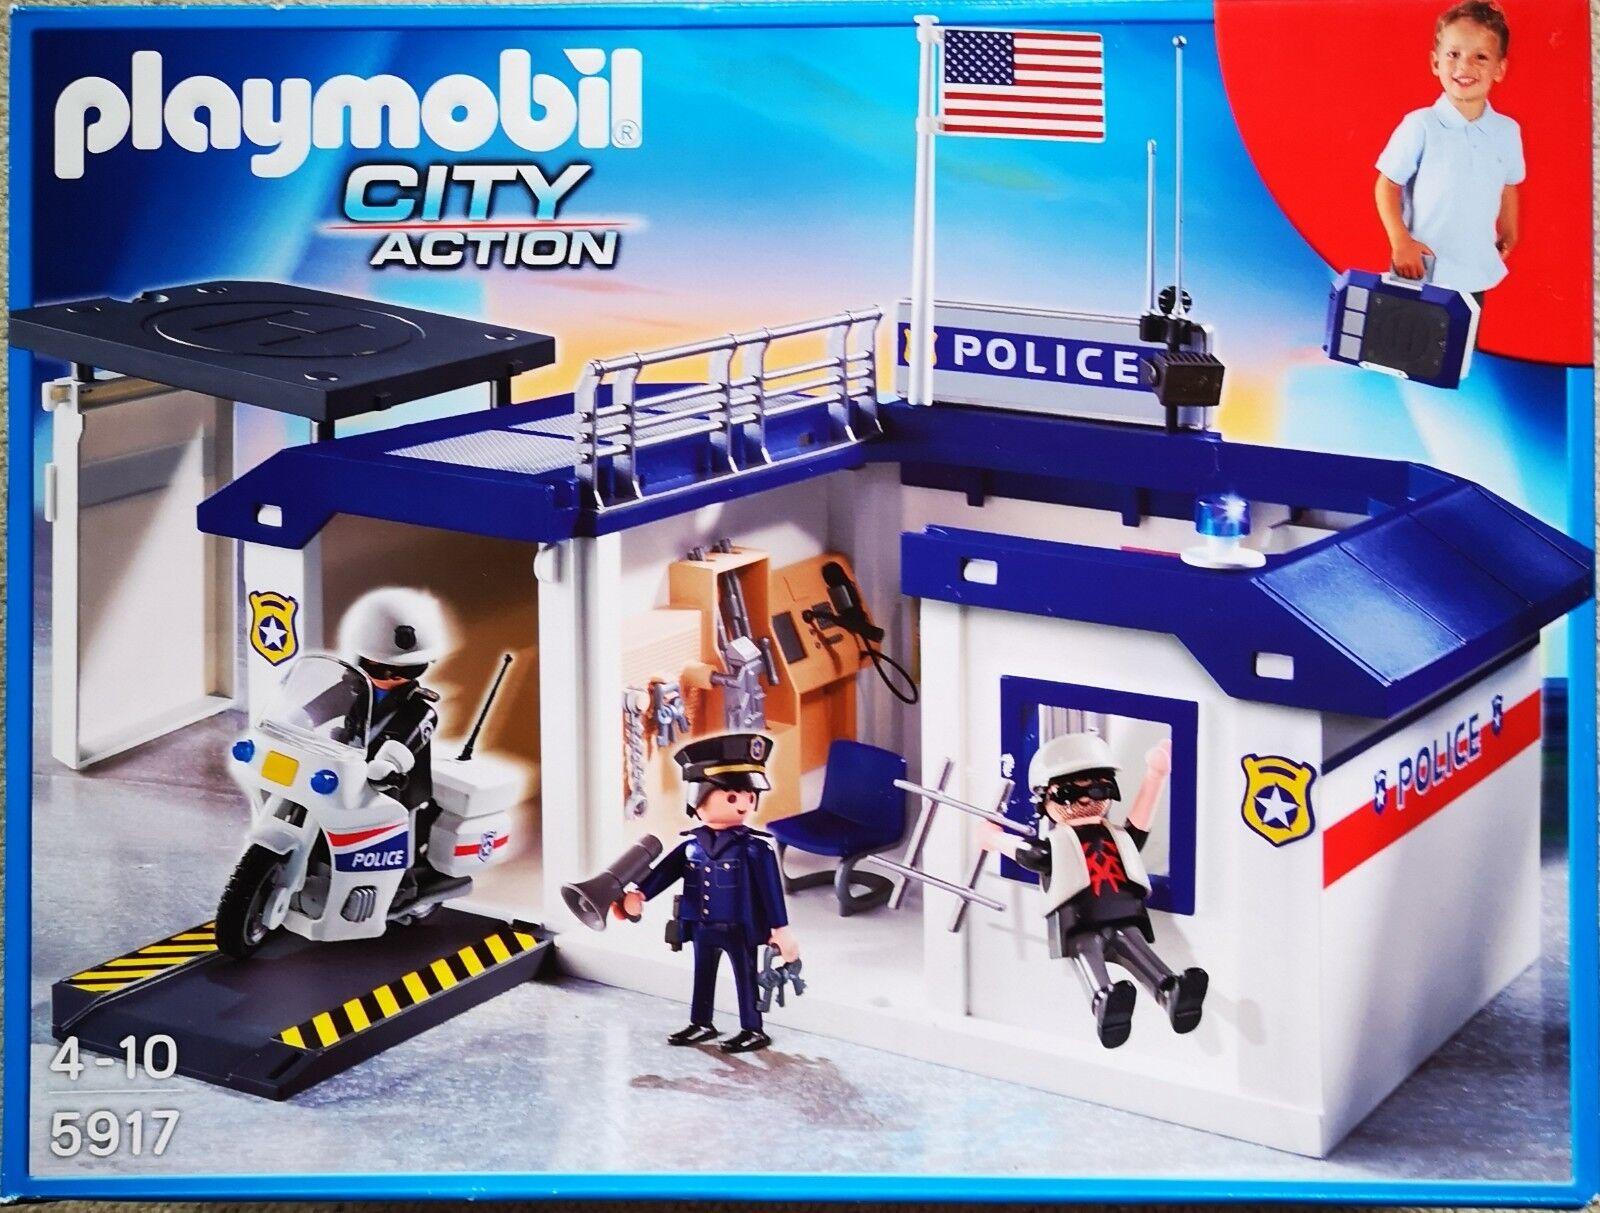 Playmobil 5917 Polizeistation zum Mitnehmen - Neu & OVP  | Glücklicher Startpunkt